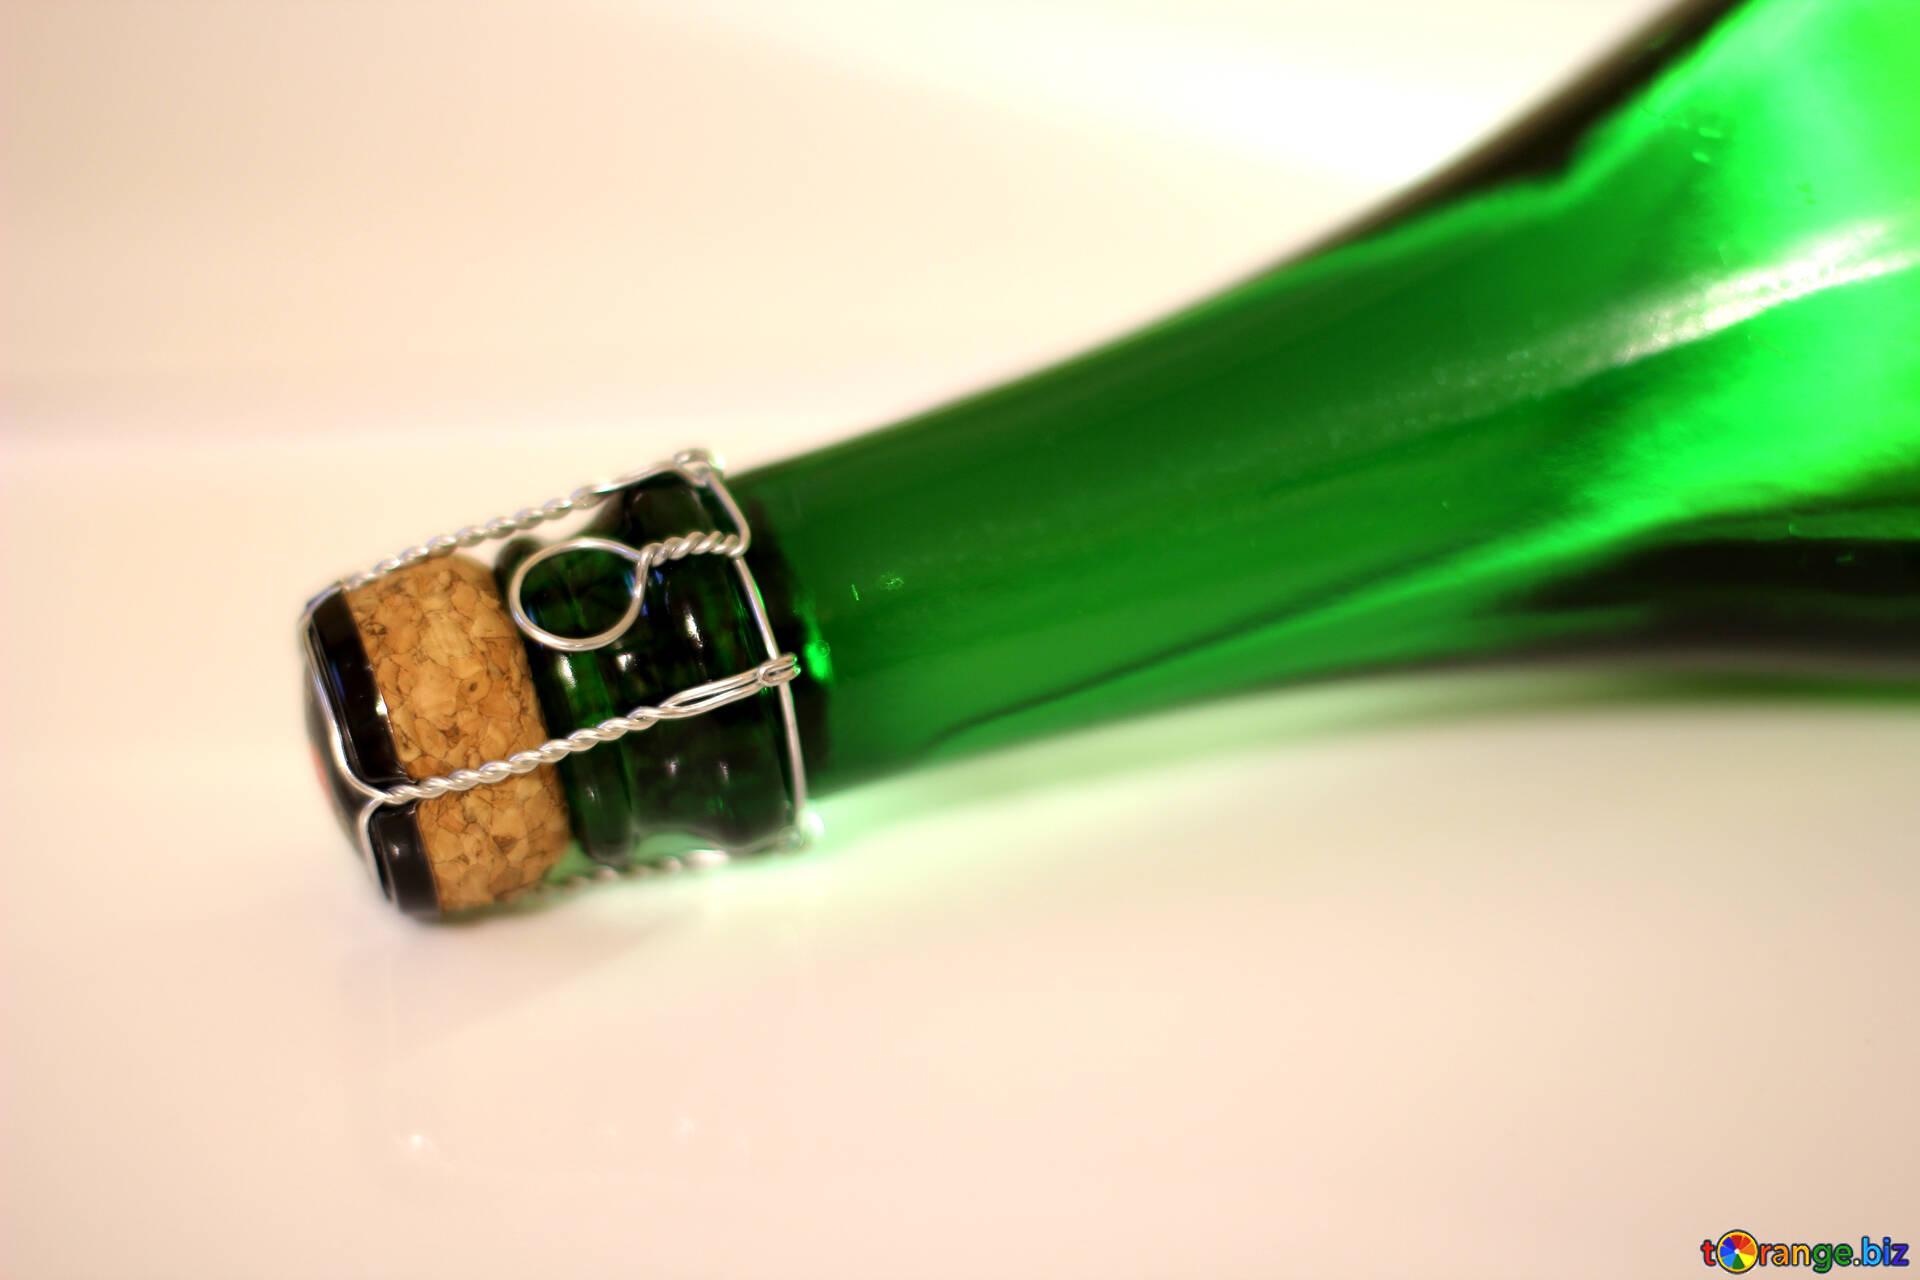 Суёт бутылку от шампанского, Села на бутылку -видео. Смотреть Села на бутылку 26 фотография